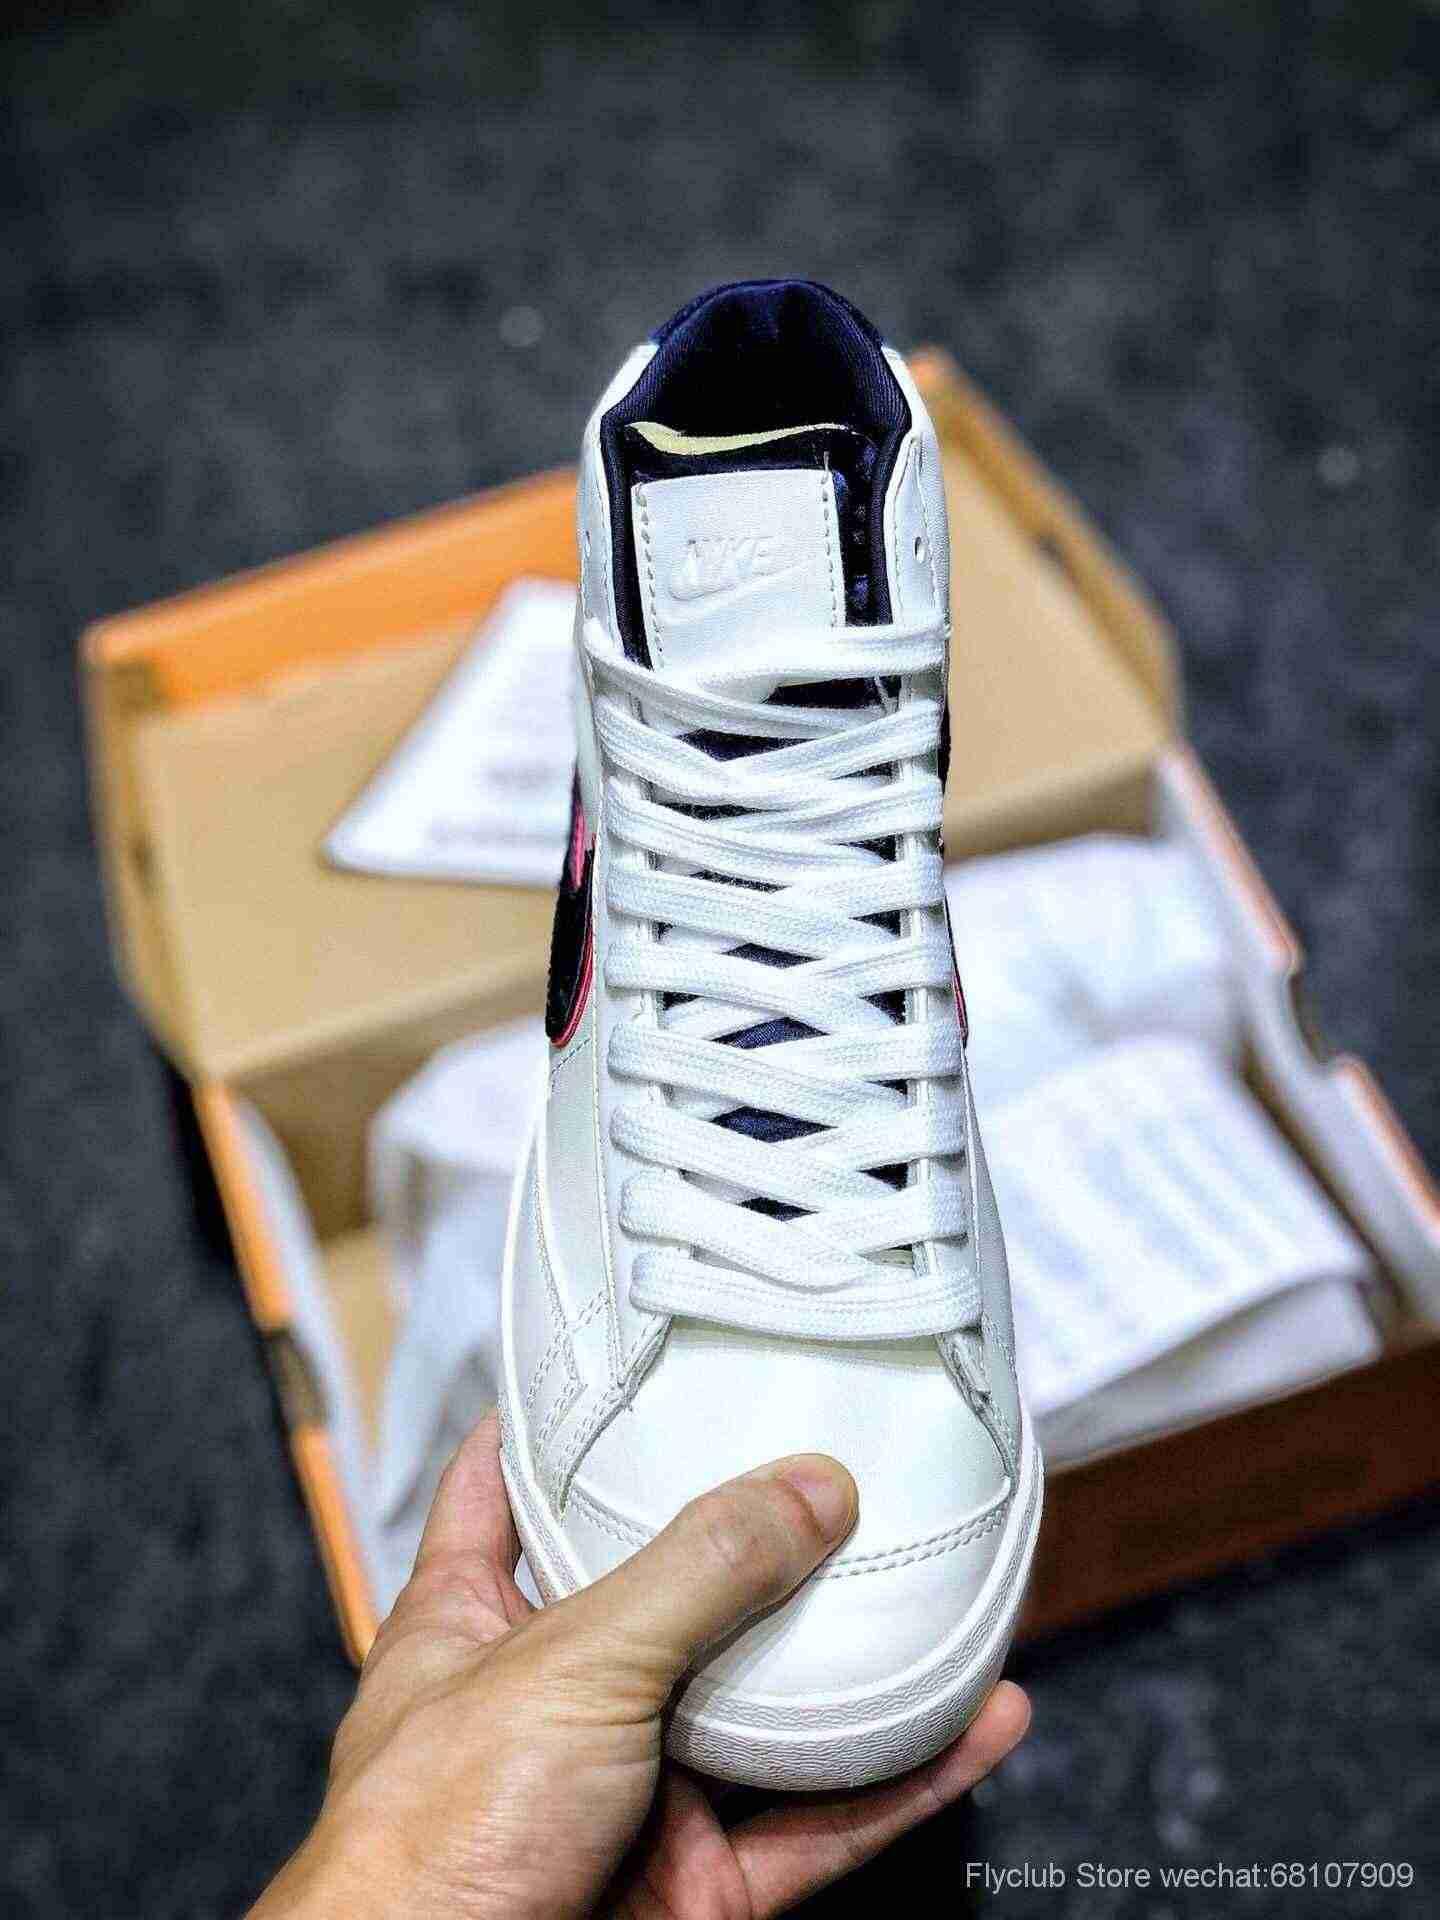 原装‼️Nike Blazer Mid 77 VNTG QS 开拓者高帮奶油白大勾复古板鞋